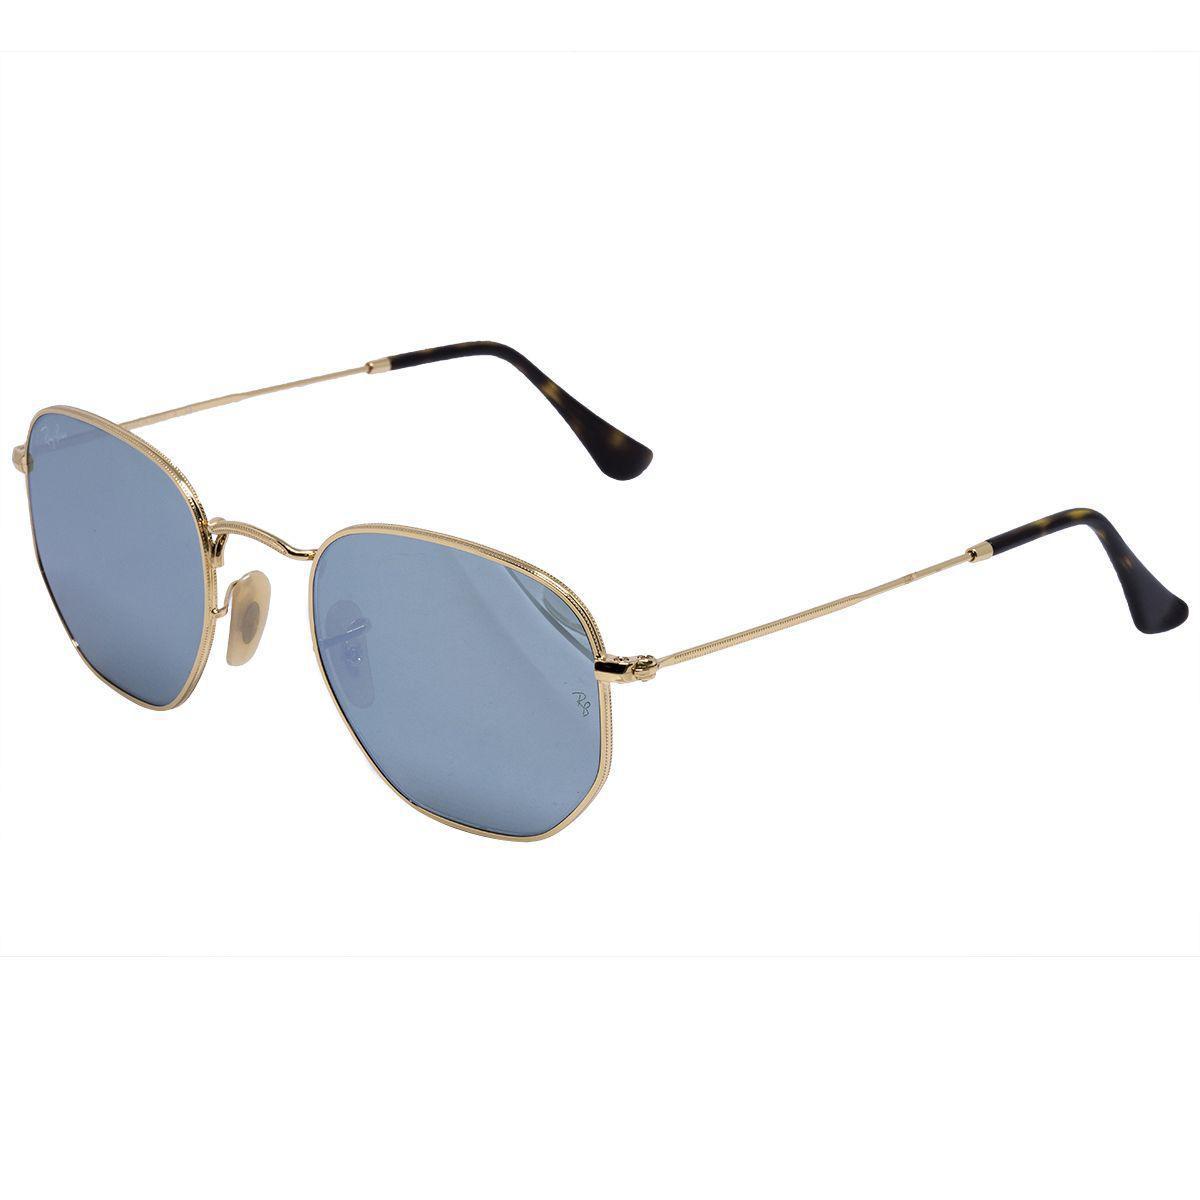 Óculos de Sol Ray Ban Hexagonal Gold RB3548N - metal dourado, lente azul  espelhada R  600,00 à vista. Adicionar à sacola ebb6f83aca